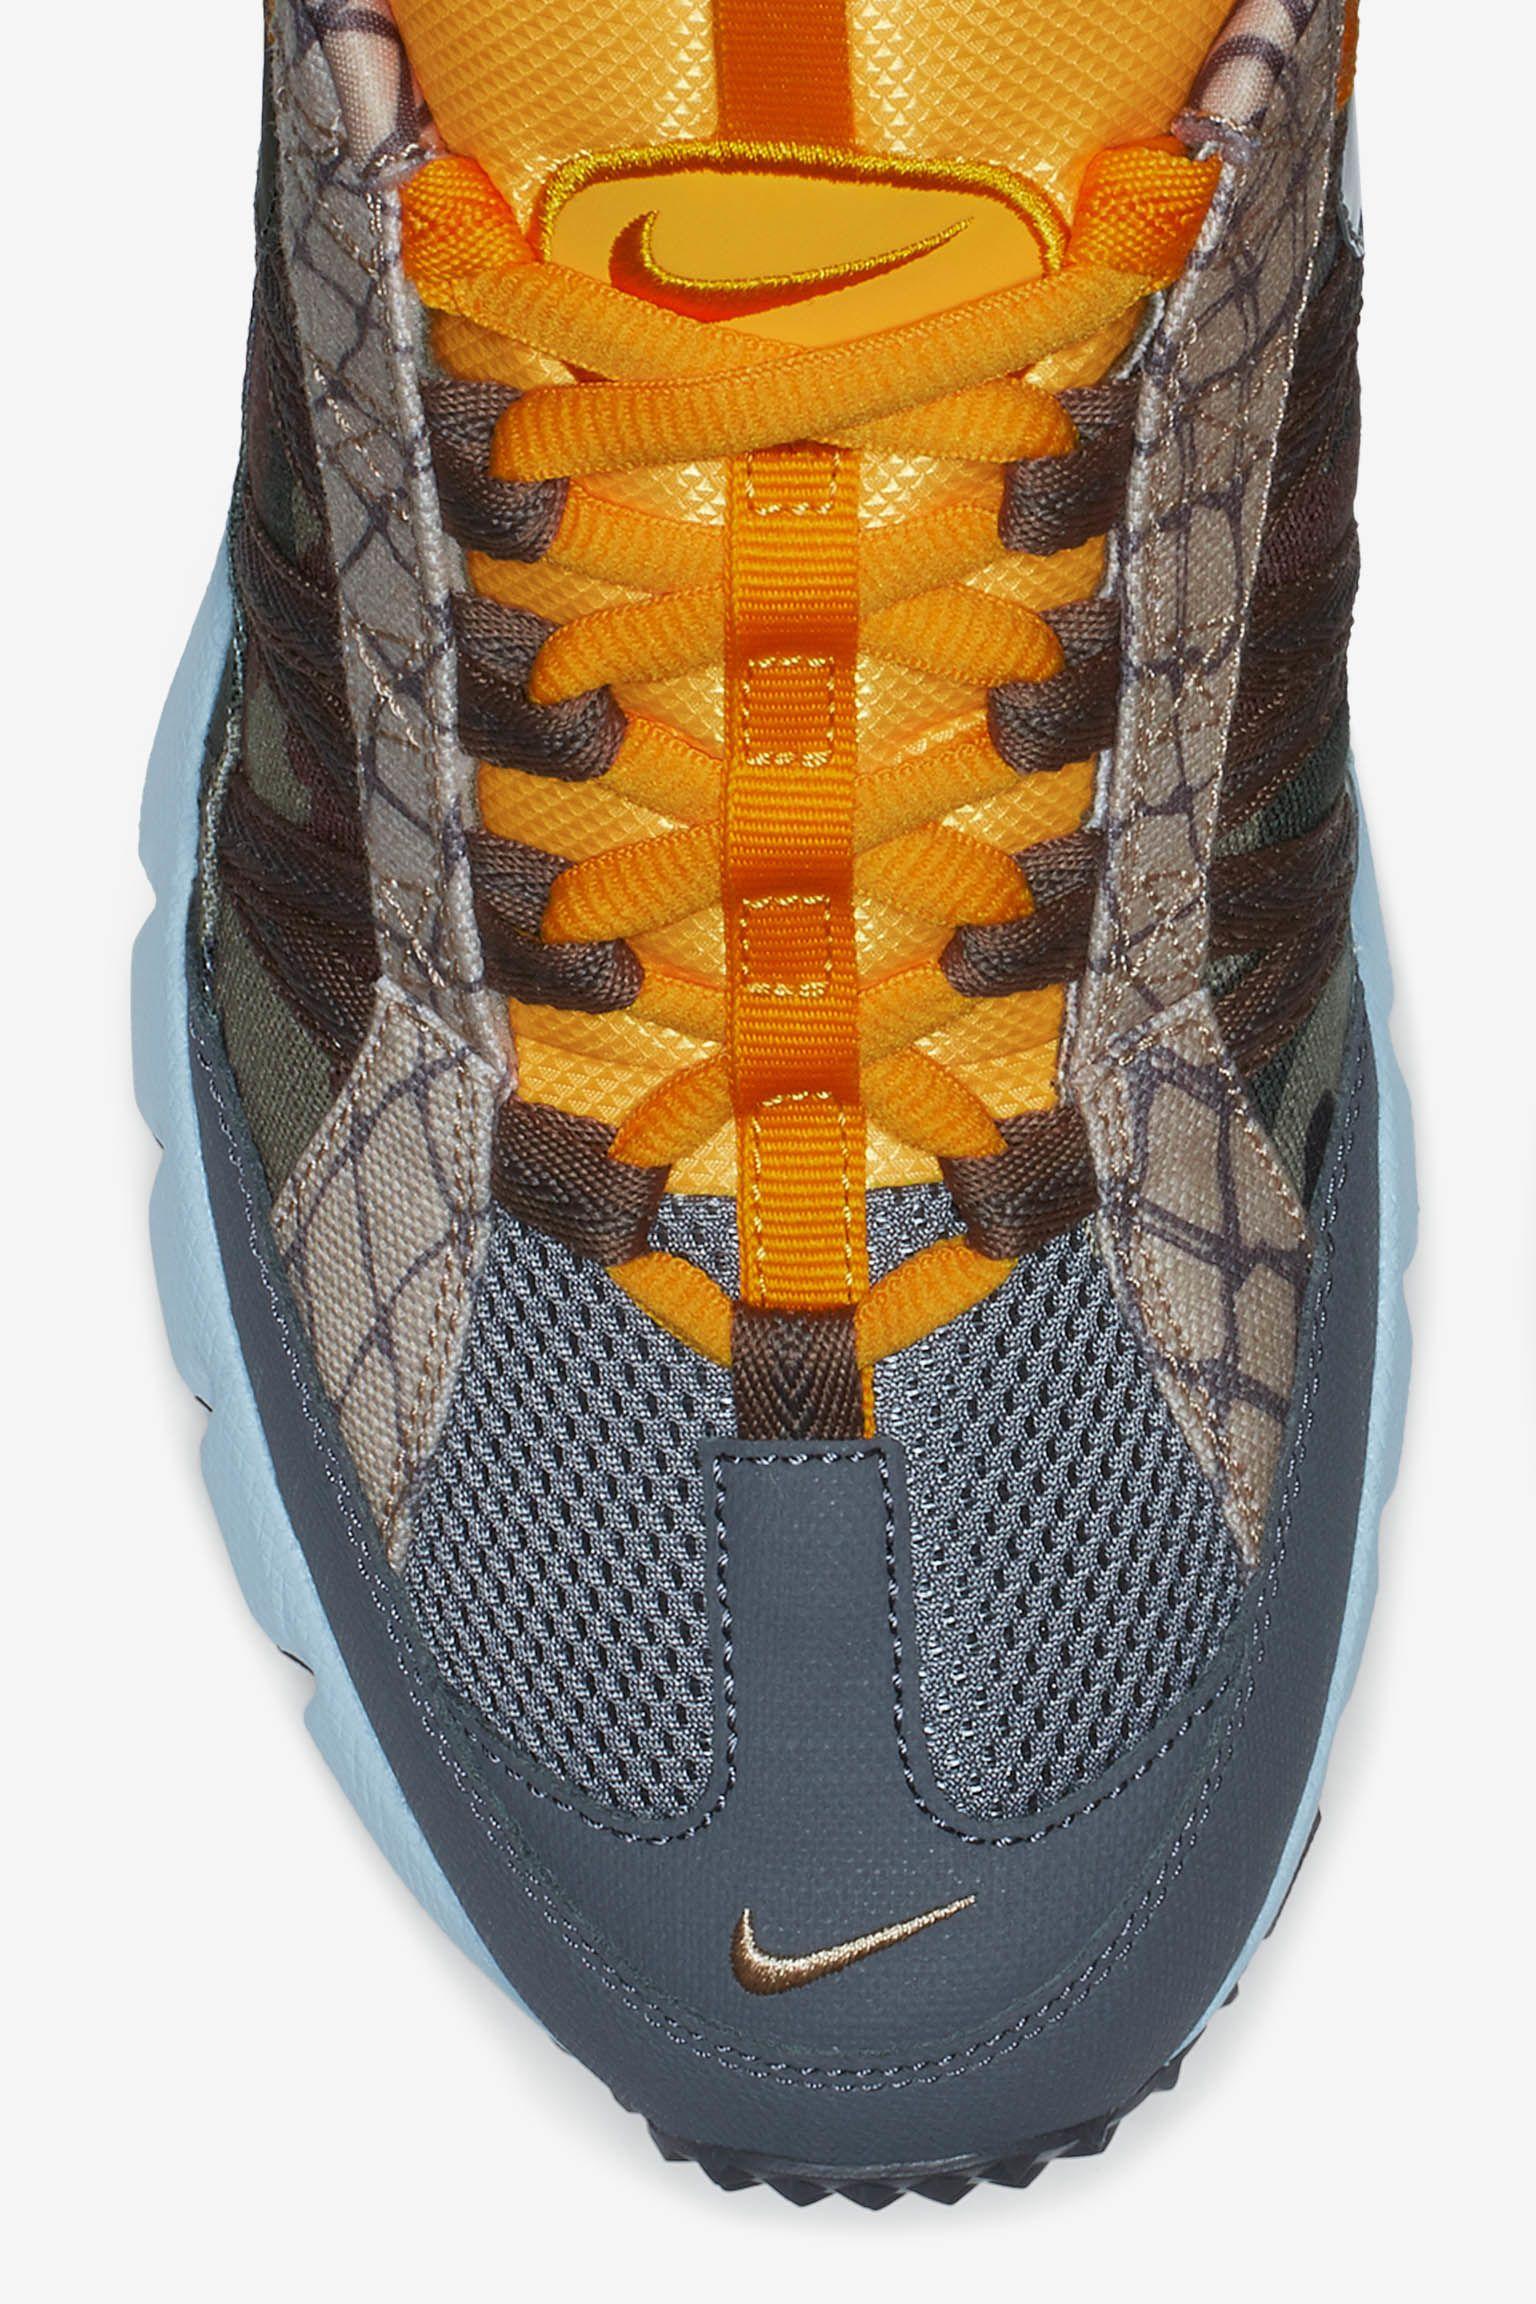 Nike Air Humara Premium 'Dark Grey & Light Silver' Release Date